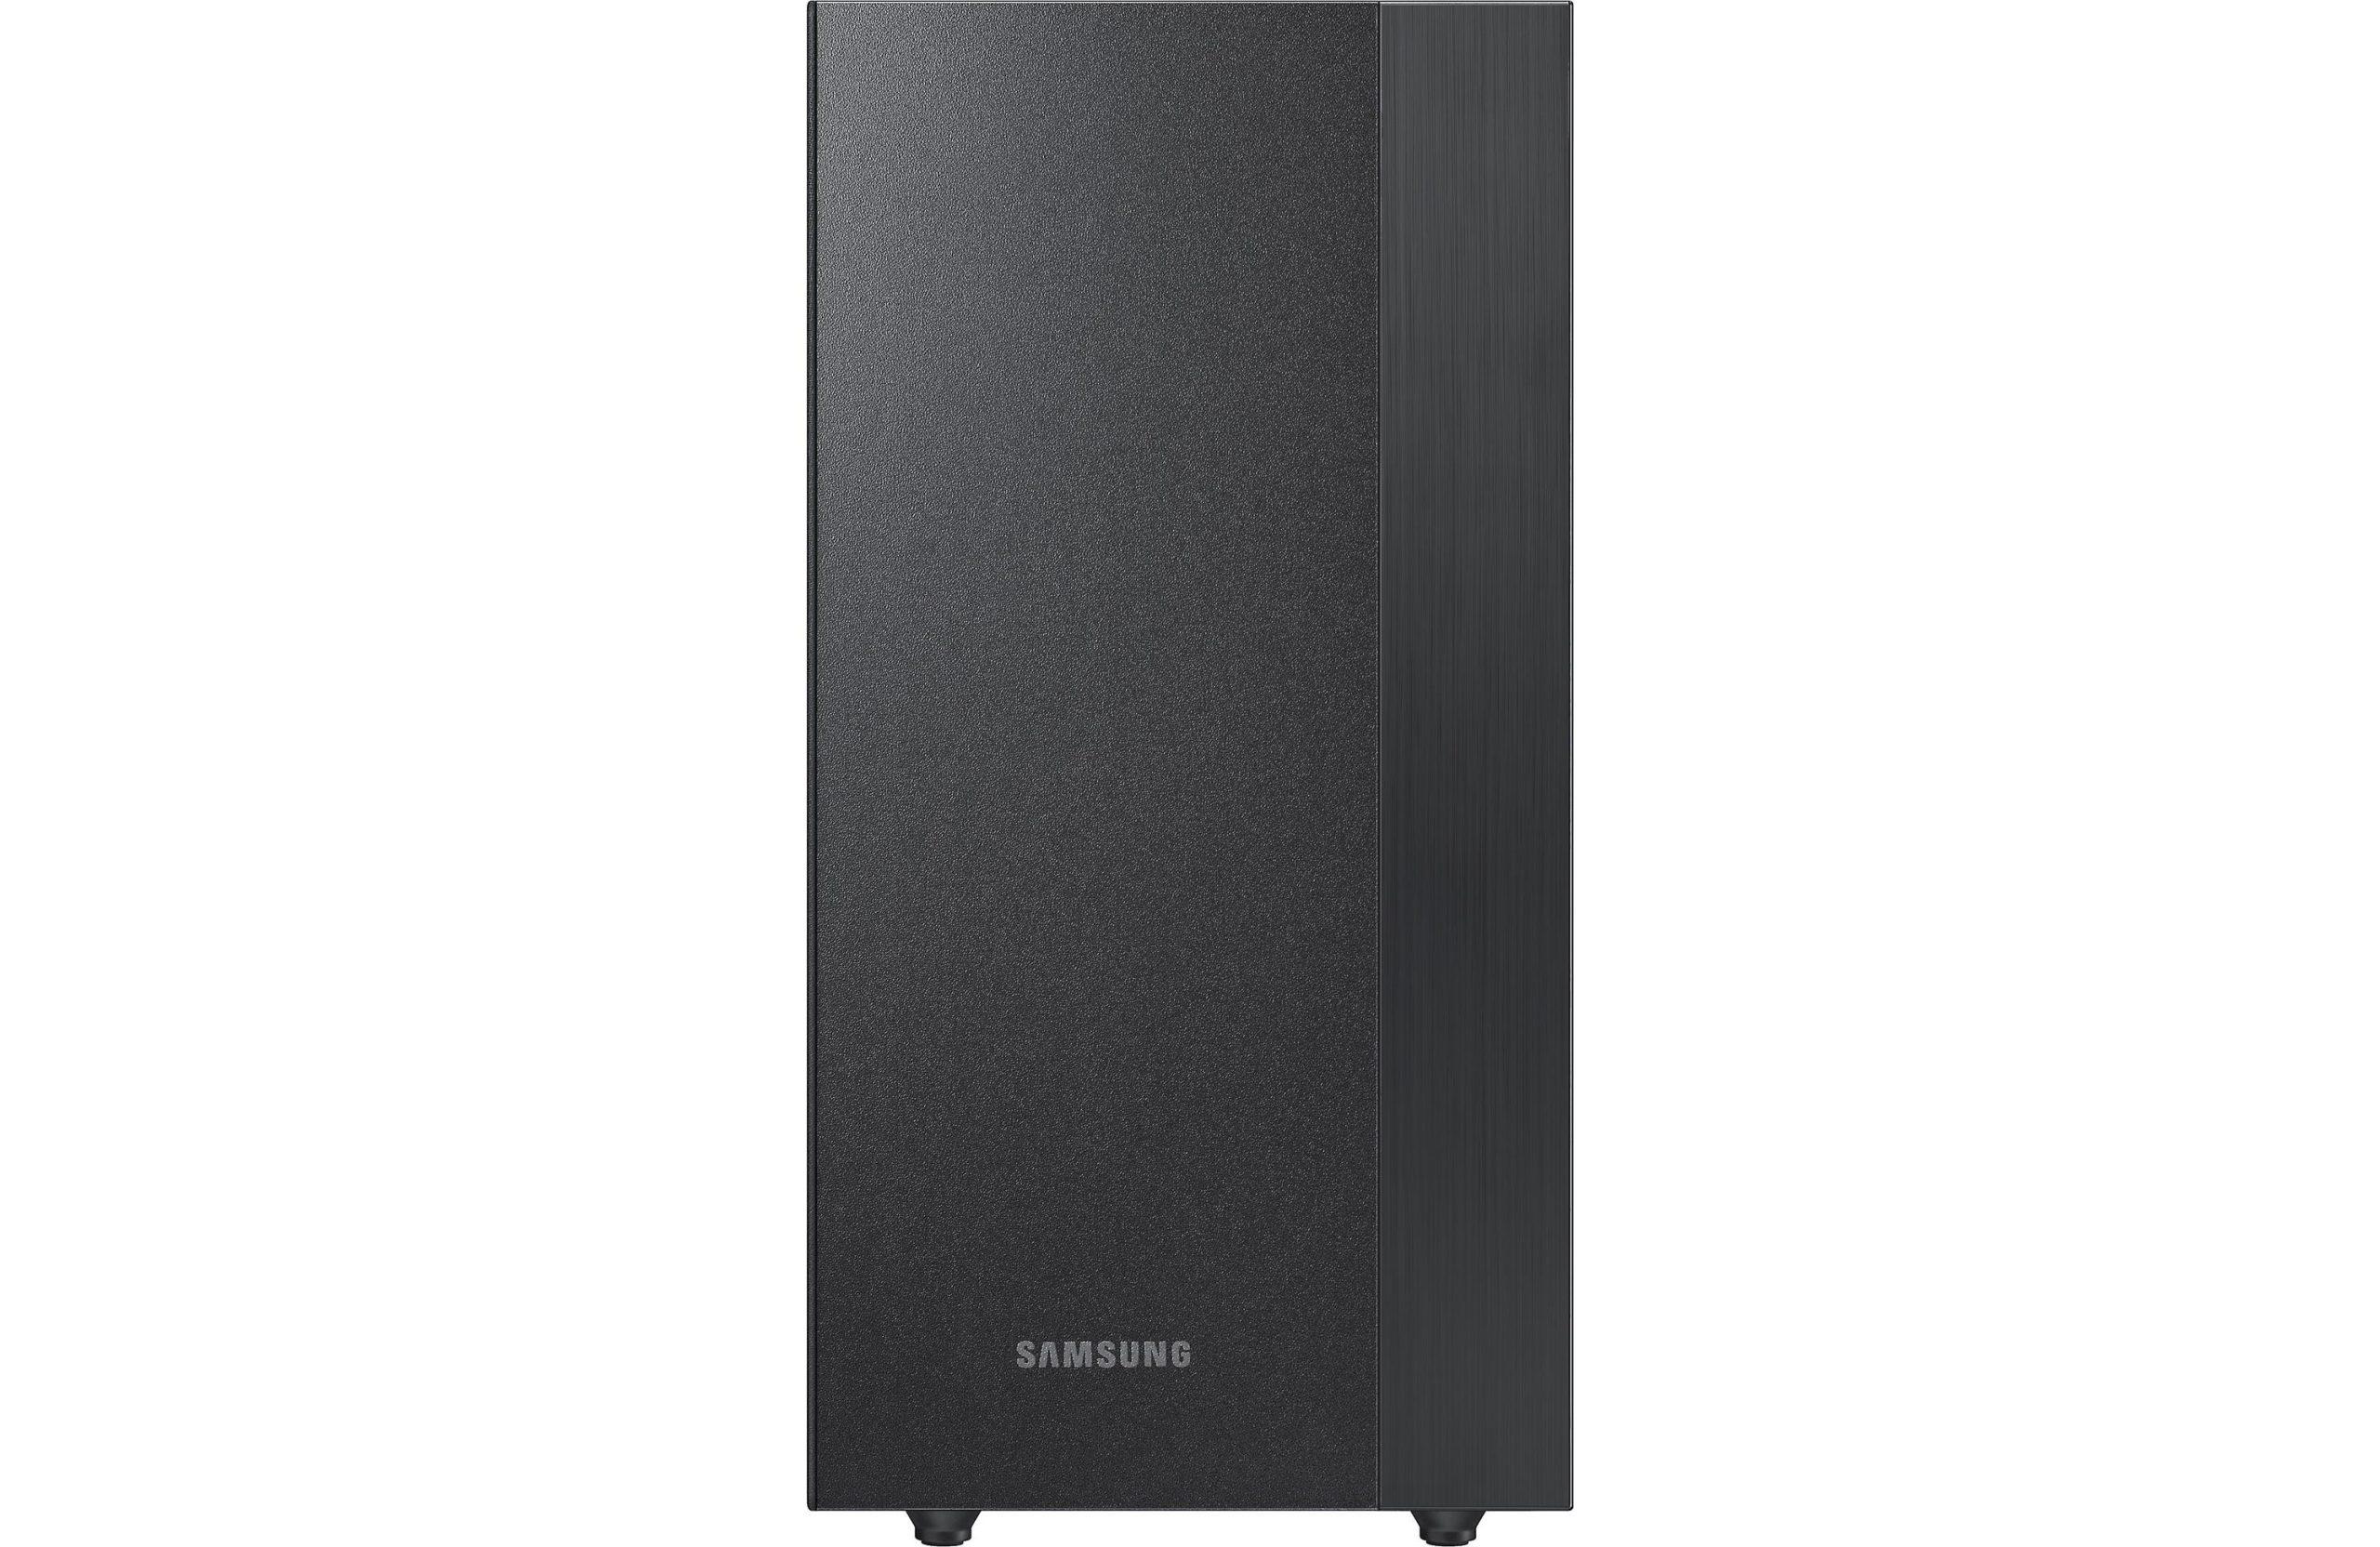 Акустическая колонка Samsung HW-J450 0b60126ga00068 - 3